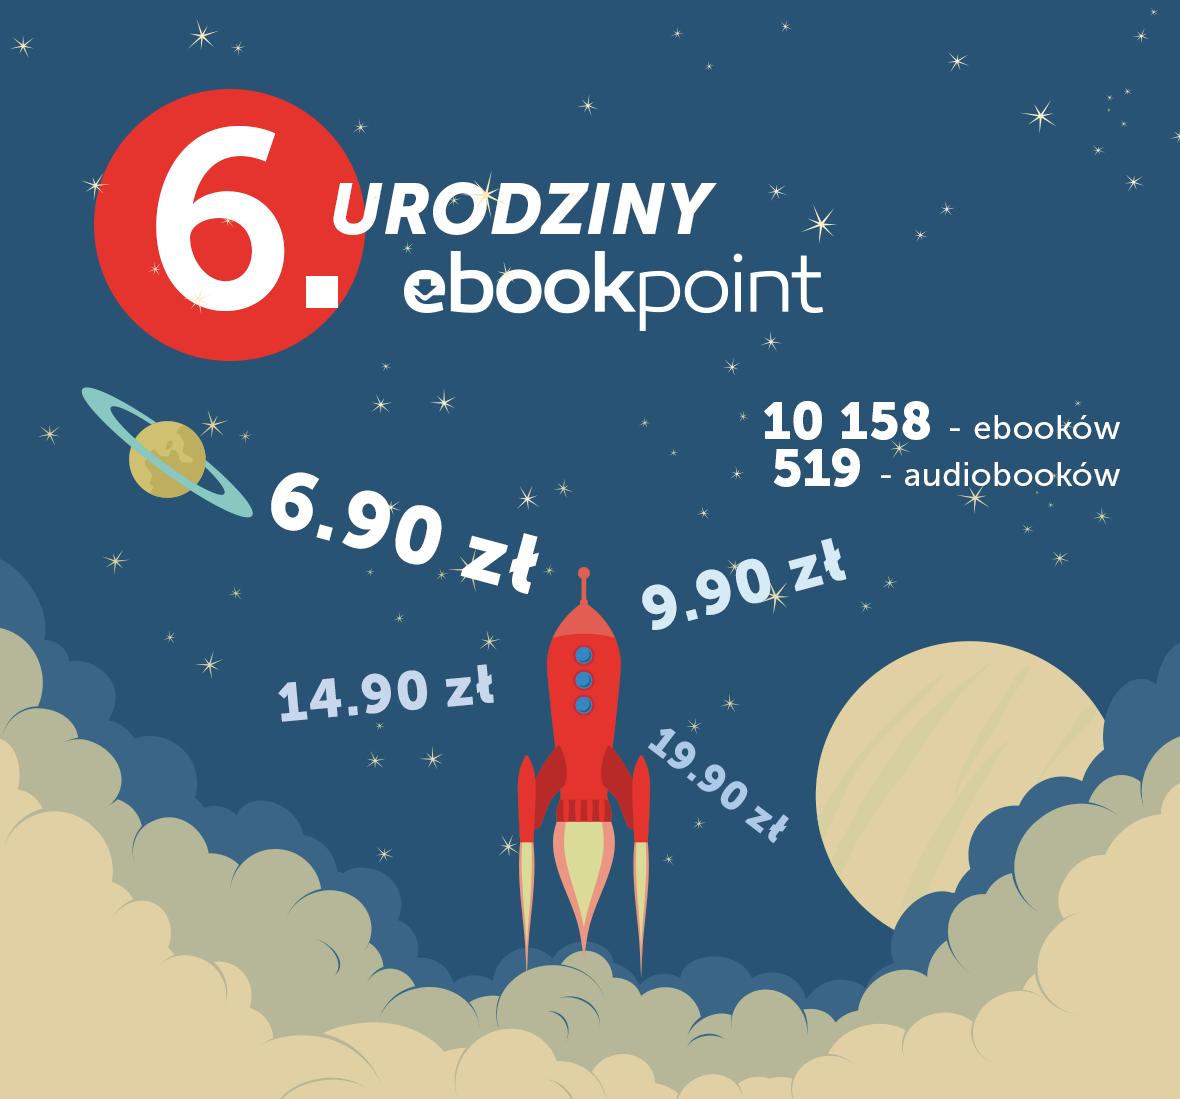 6 urodziny ebookpoint. 10158 ebooków, 518 audiobooków po 6,90-19,90 zł @ ebookpoint